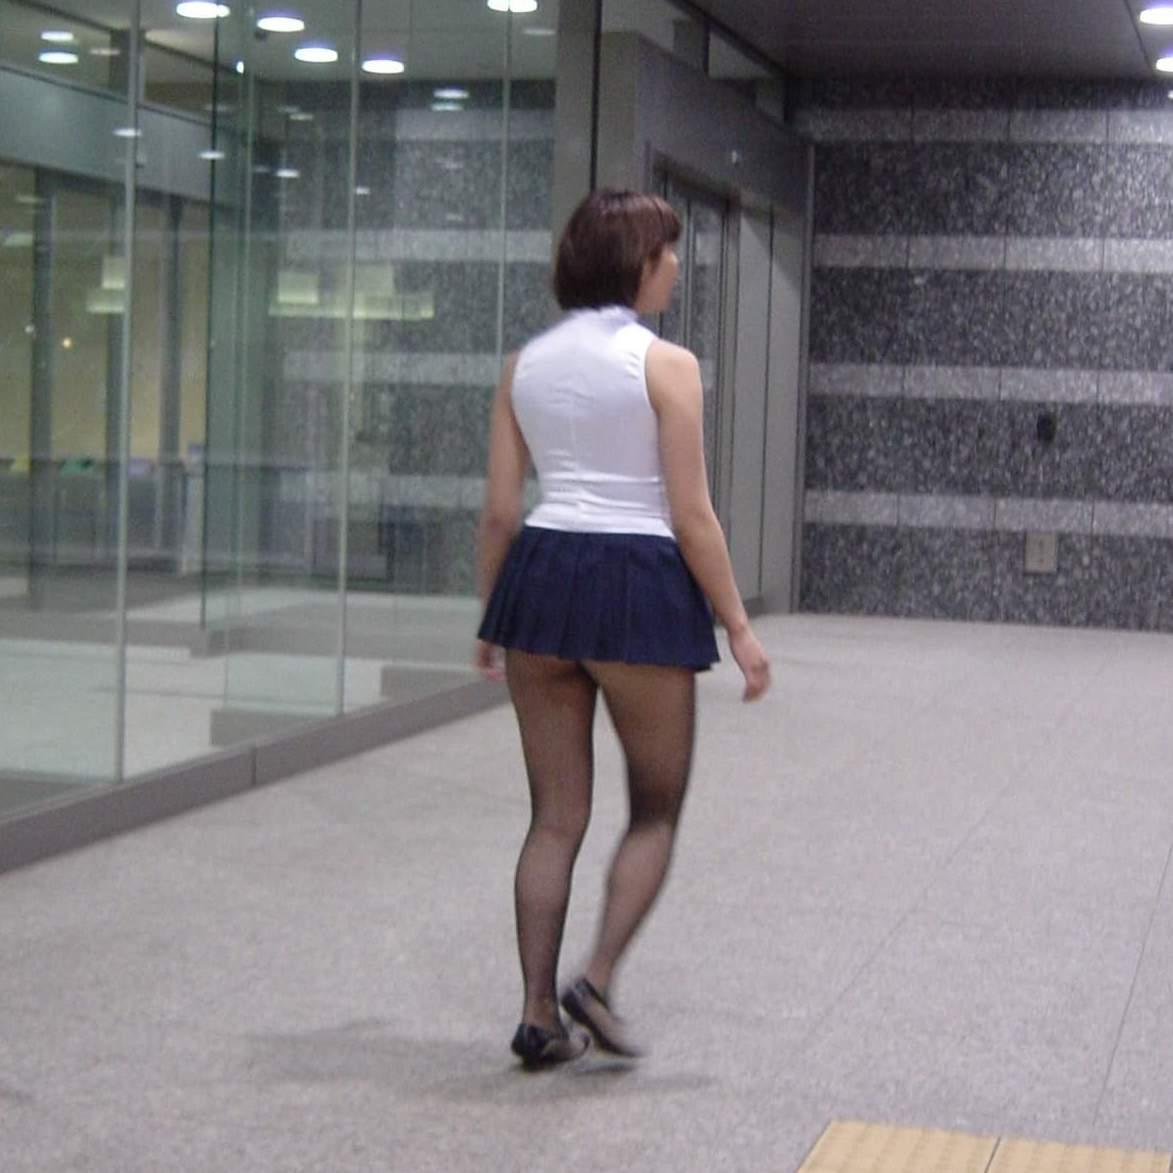 【パンチラ画像】立ってるだけでもモロ見える激ミニ素人www 03